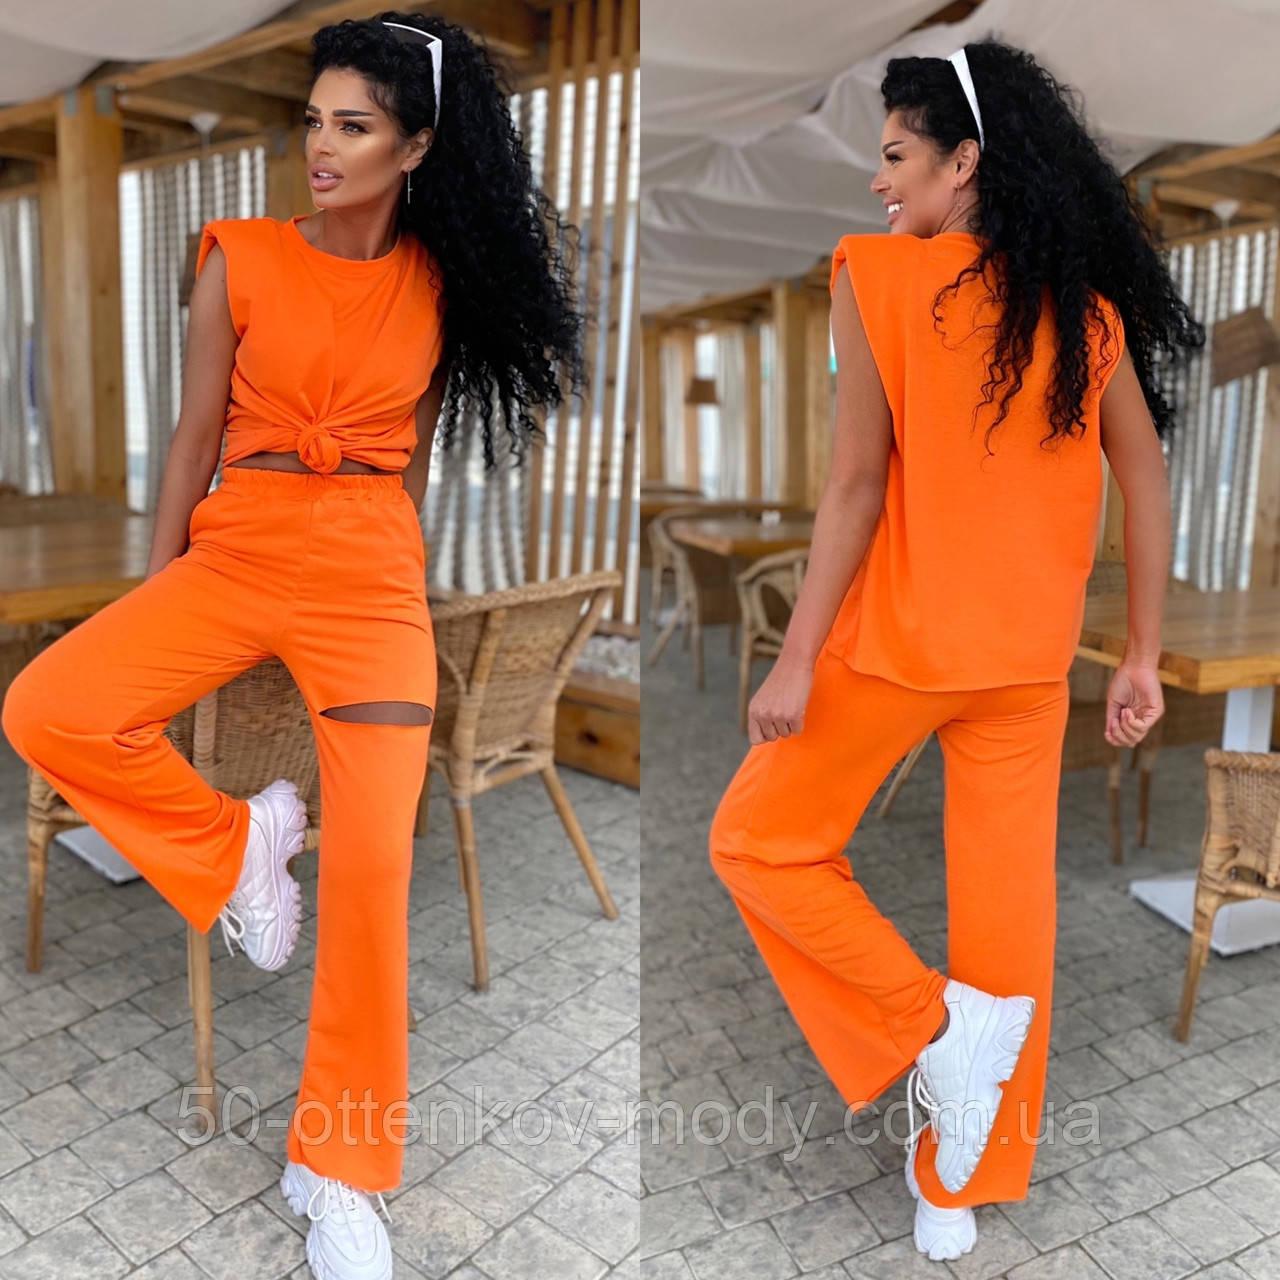 Женский спортивный повседневный костюм свободного кроя с разрезом черный оранжевый малиновый лимонный